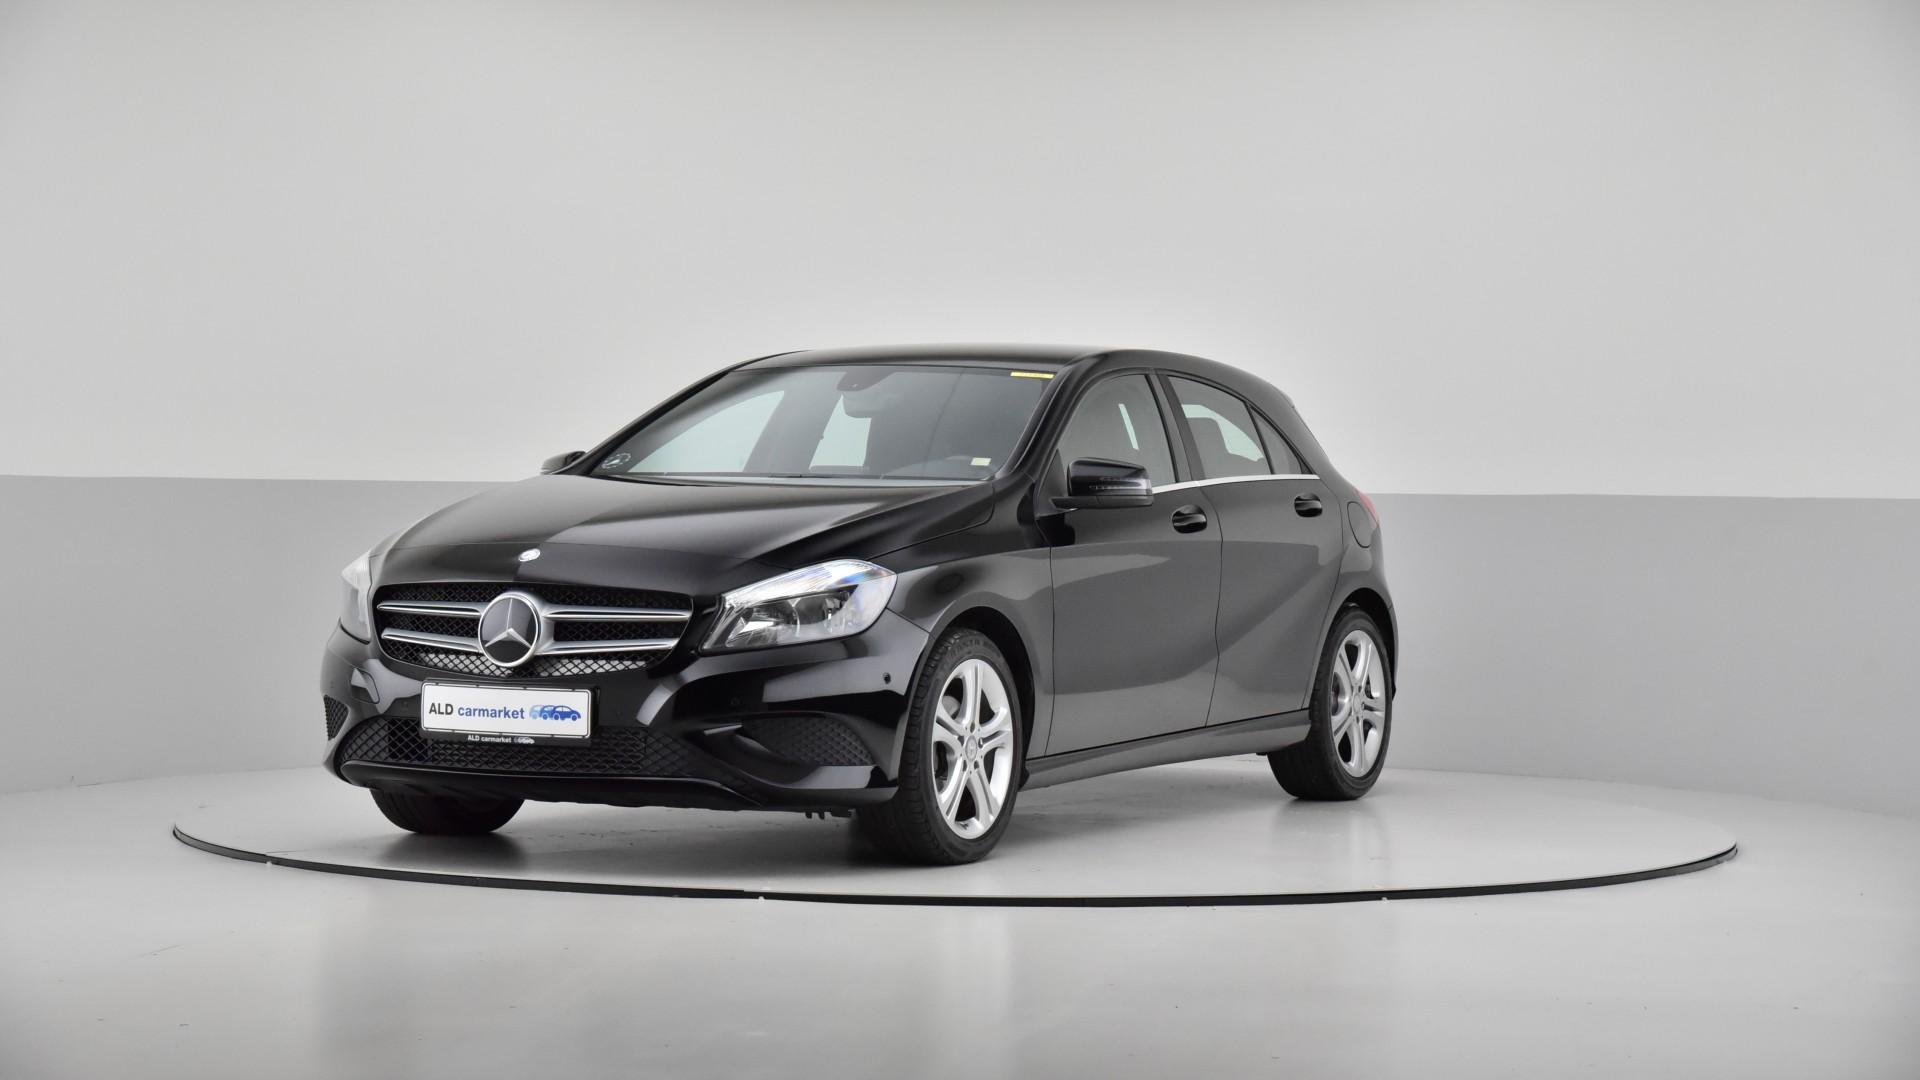 d5e2dfebbe3dd7 Mercedes A180 1.5 CDi Urban 5d til salg